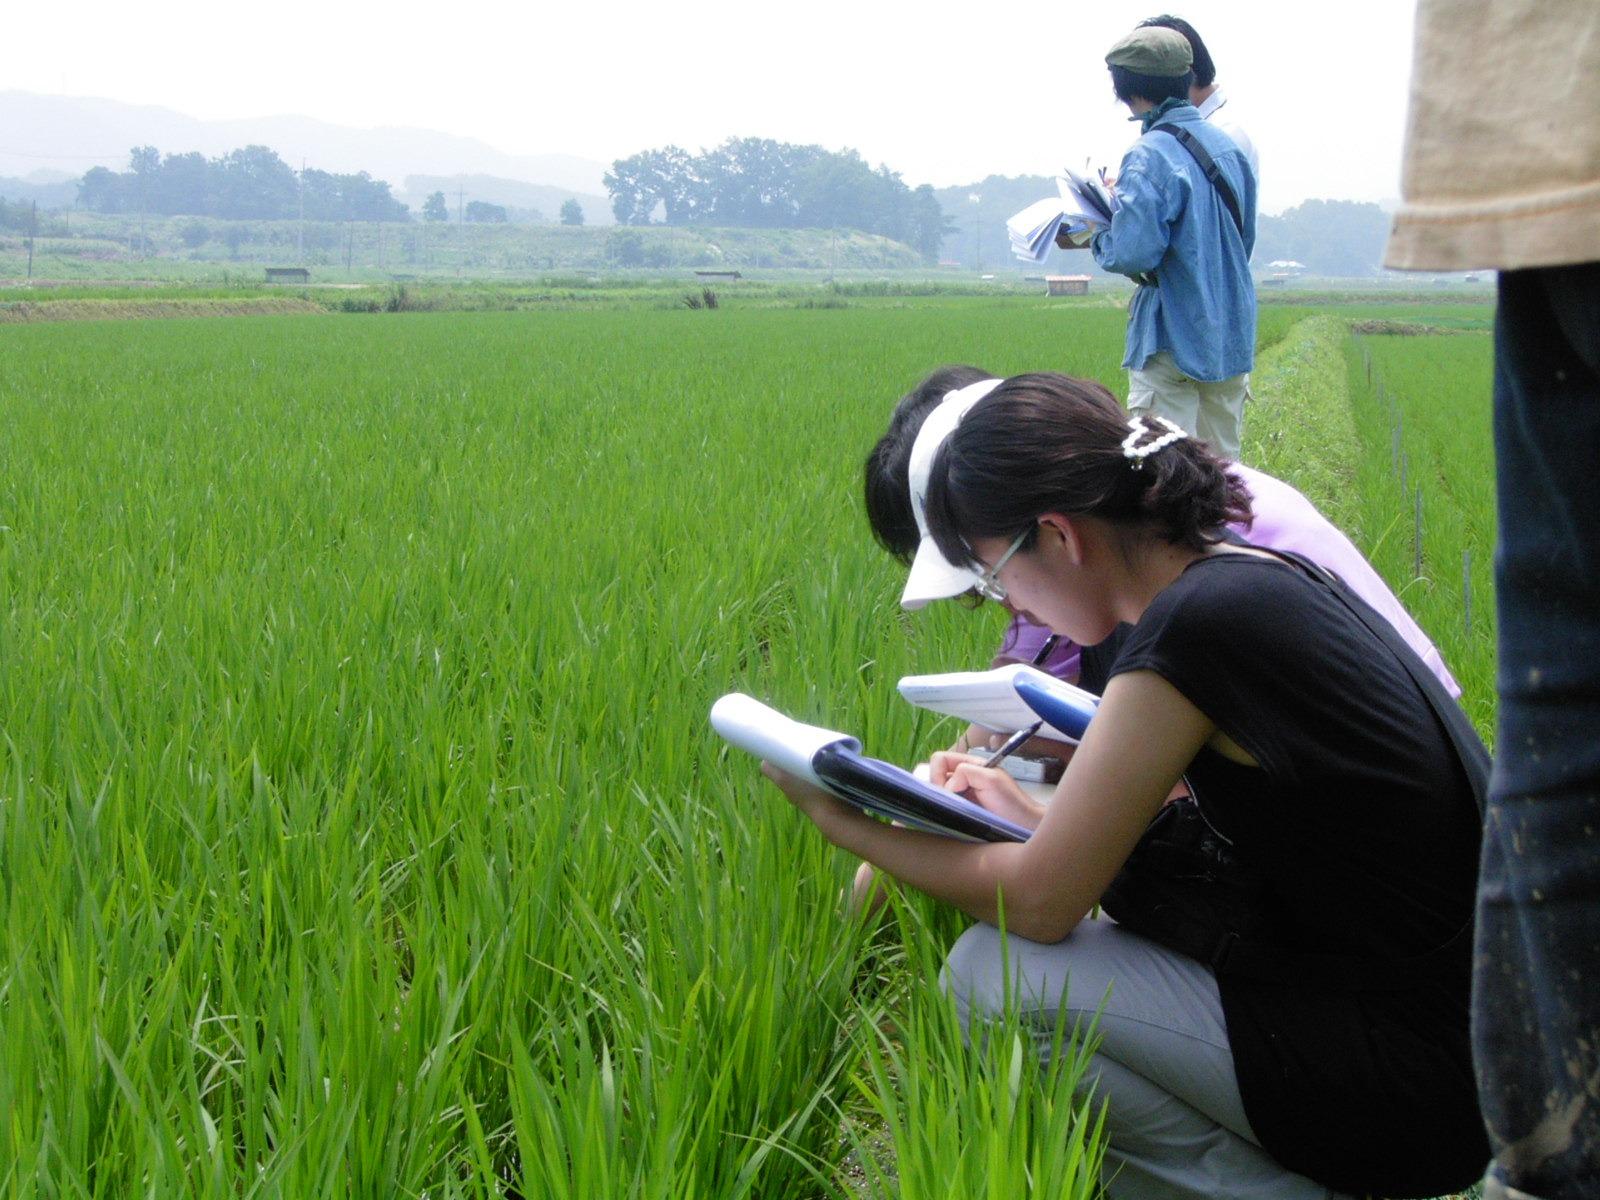 徹底的に管理された稲